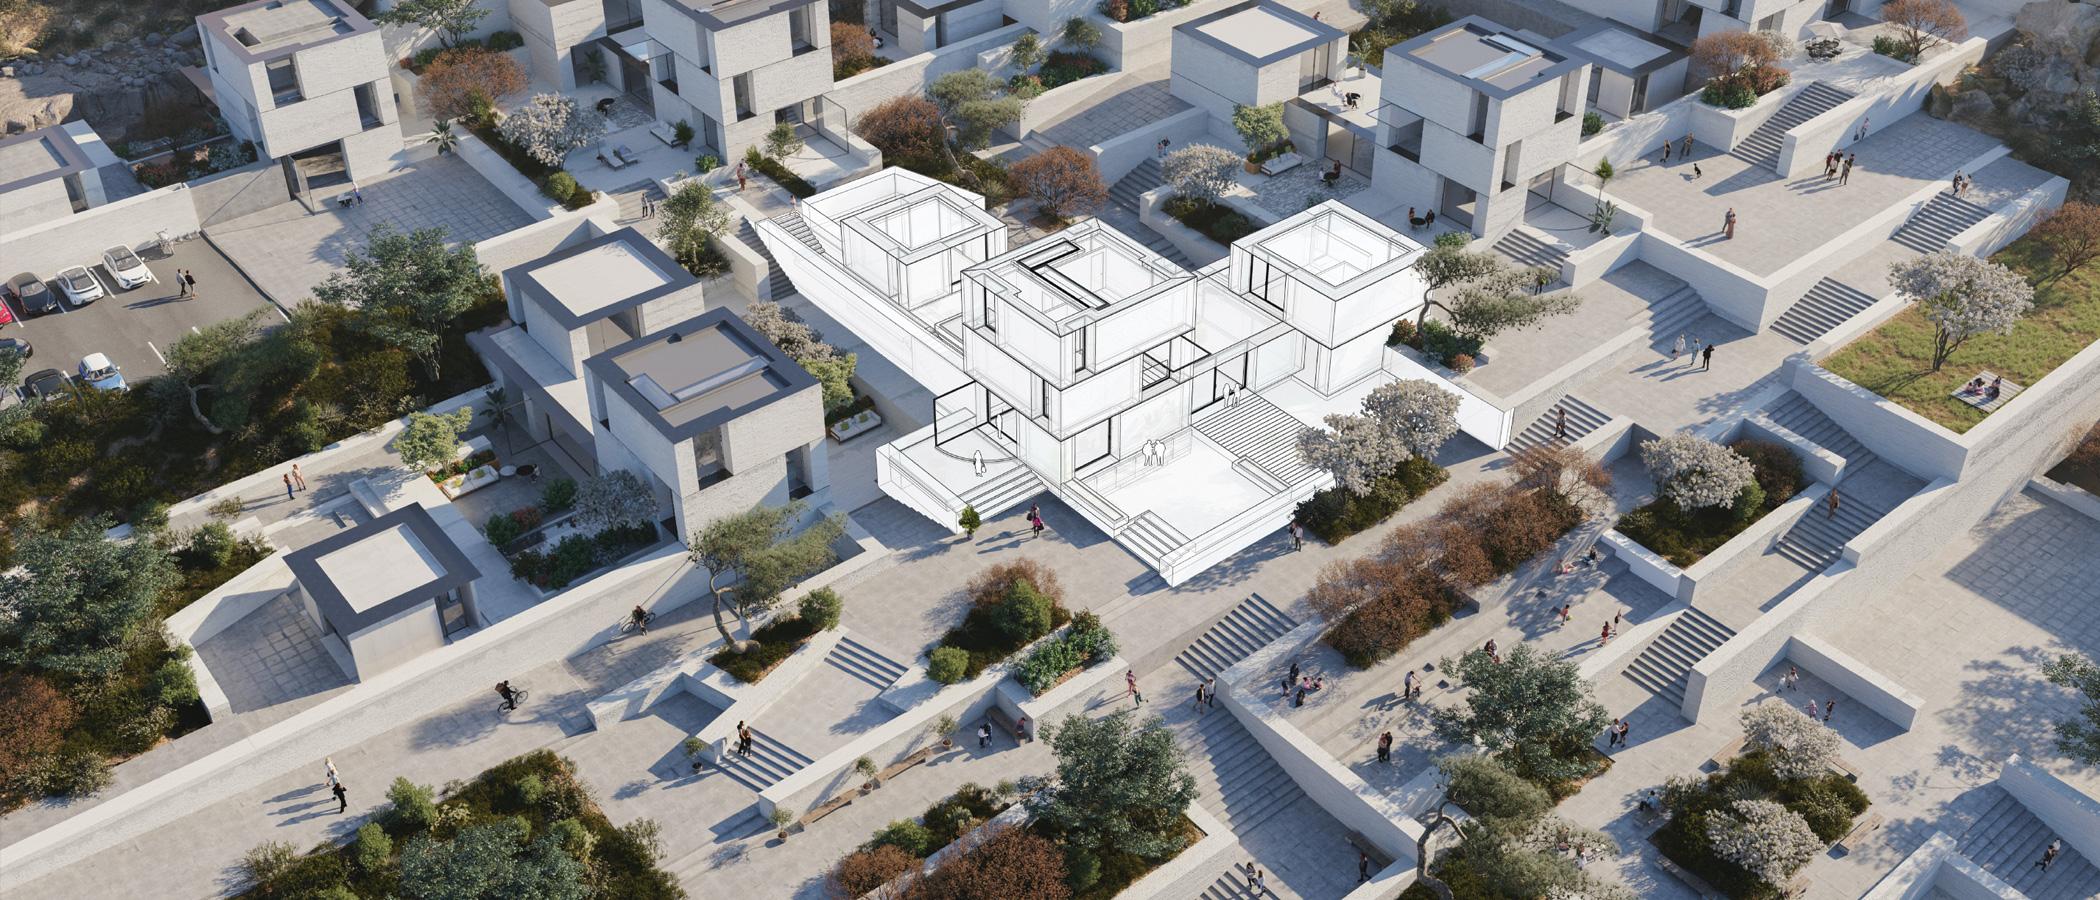 SketchUp planowanie urbanistyczne